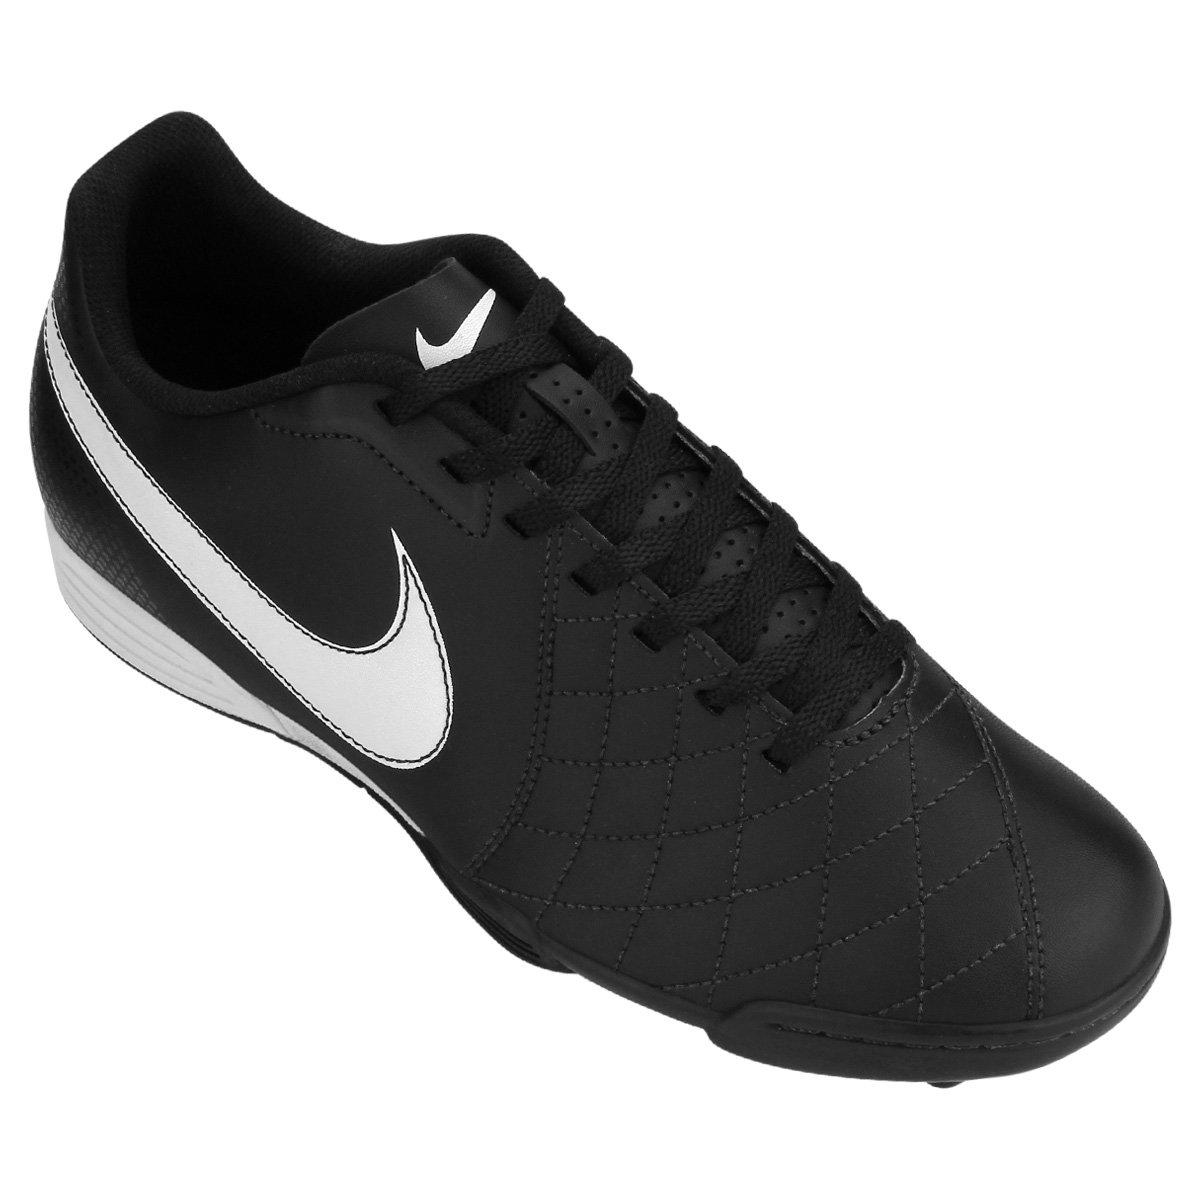 Chuteira Nike Flare TF - Compre Agora  506b1dd6e5a7c